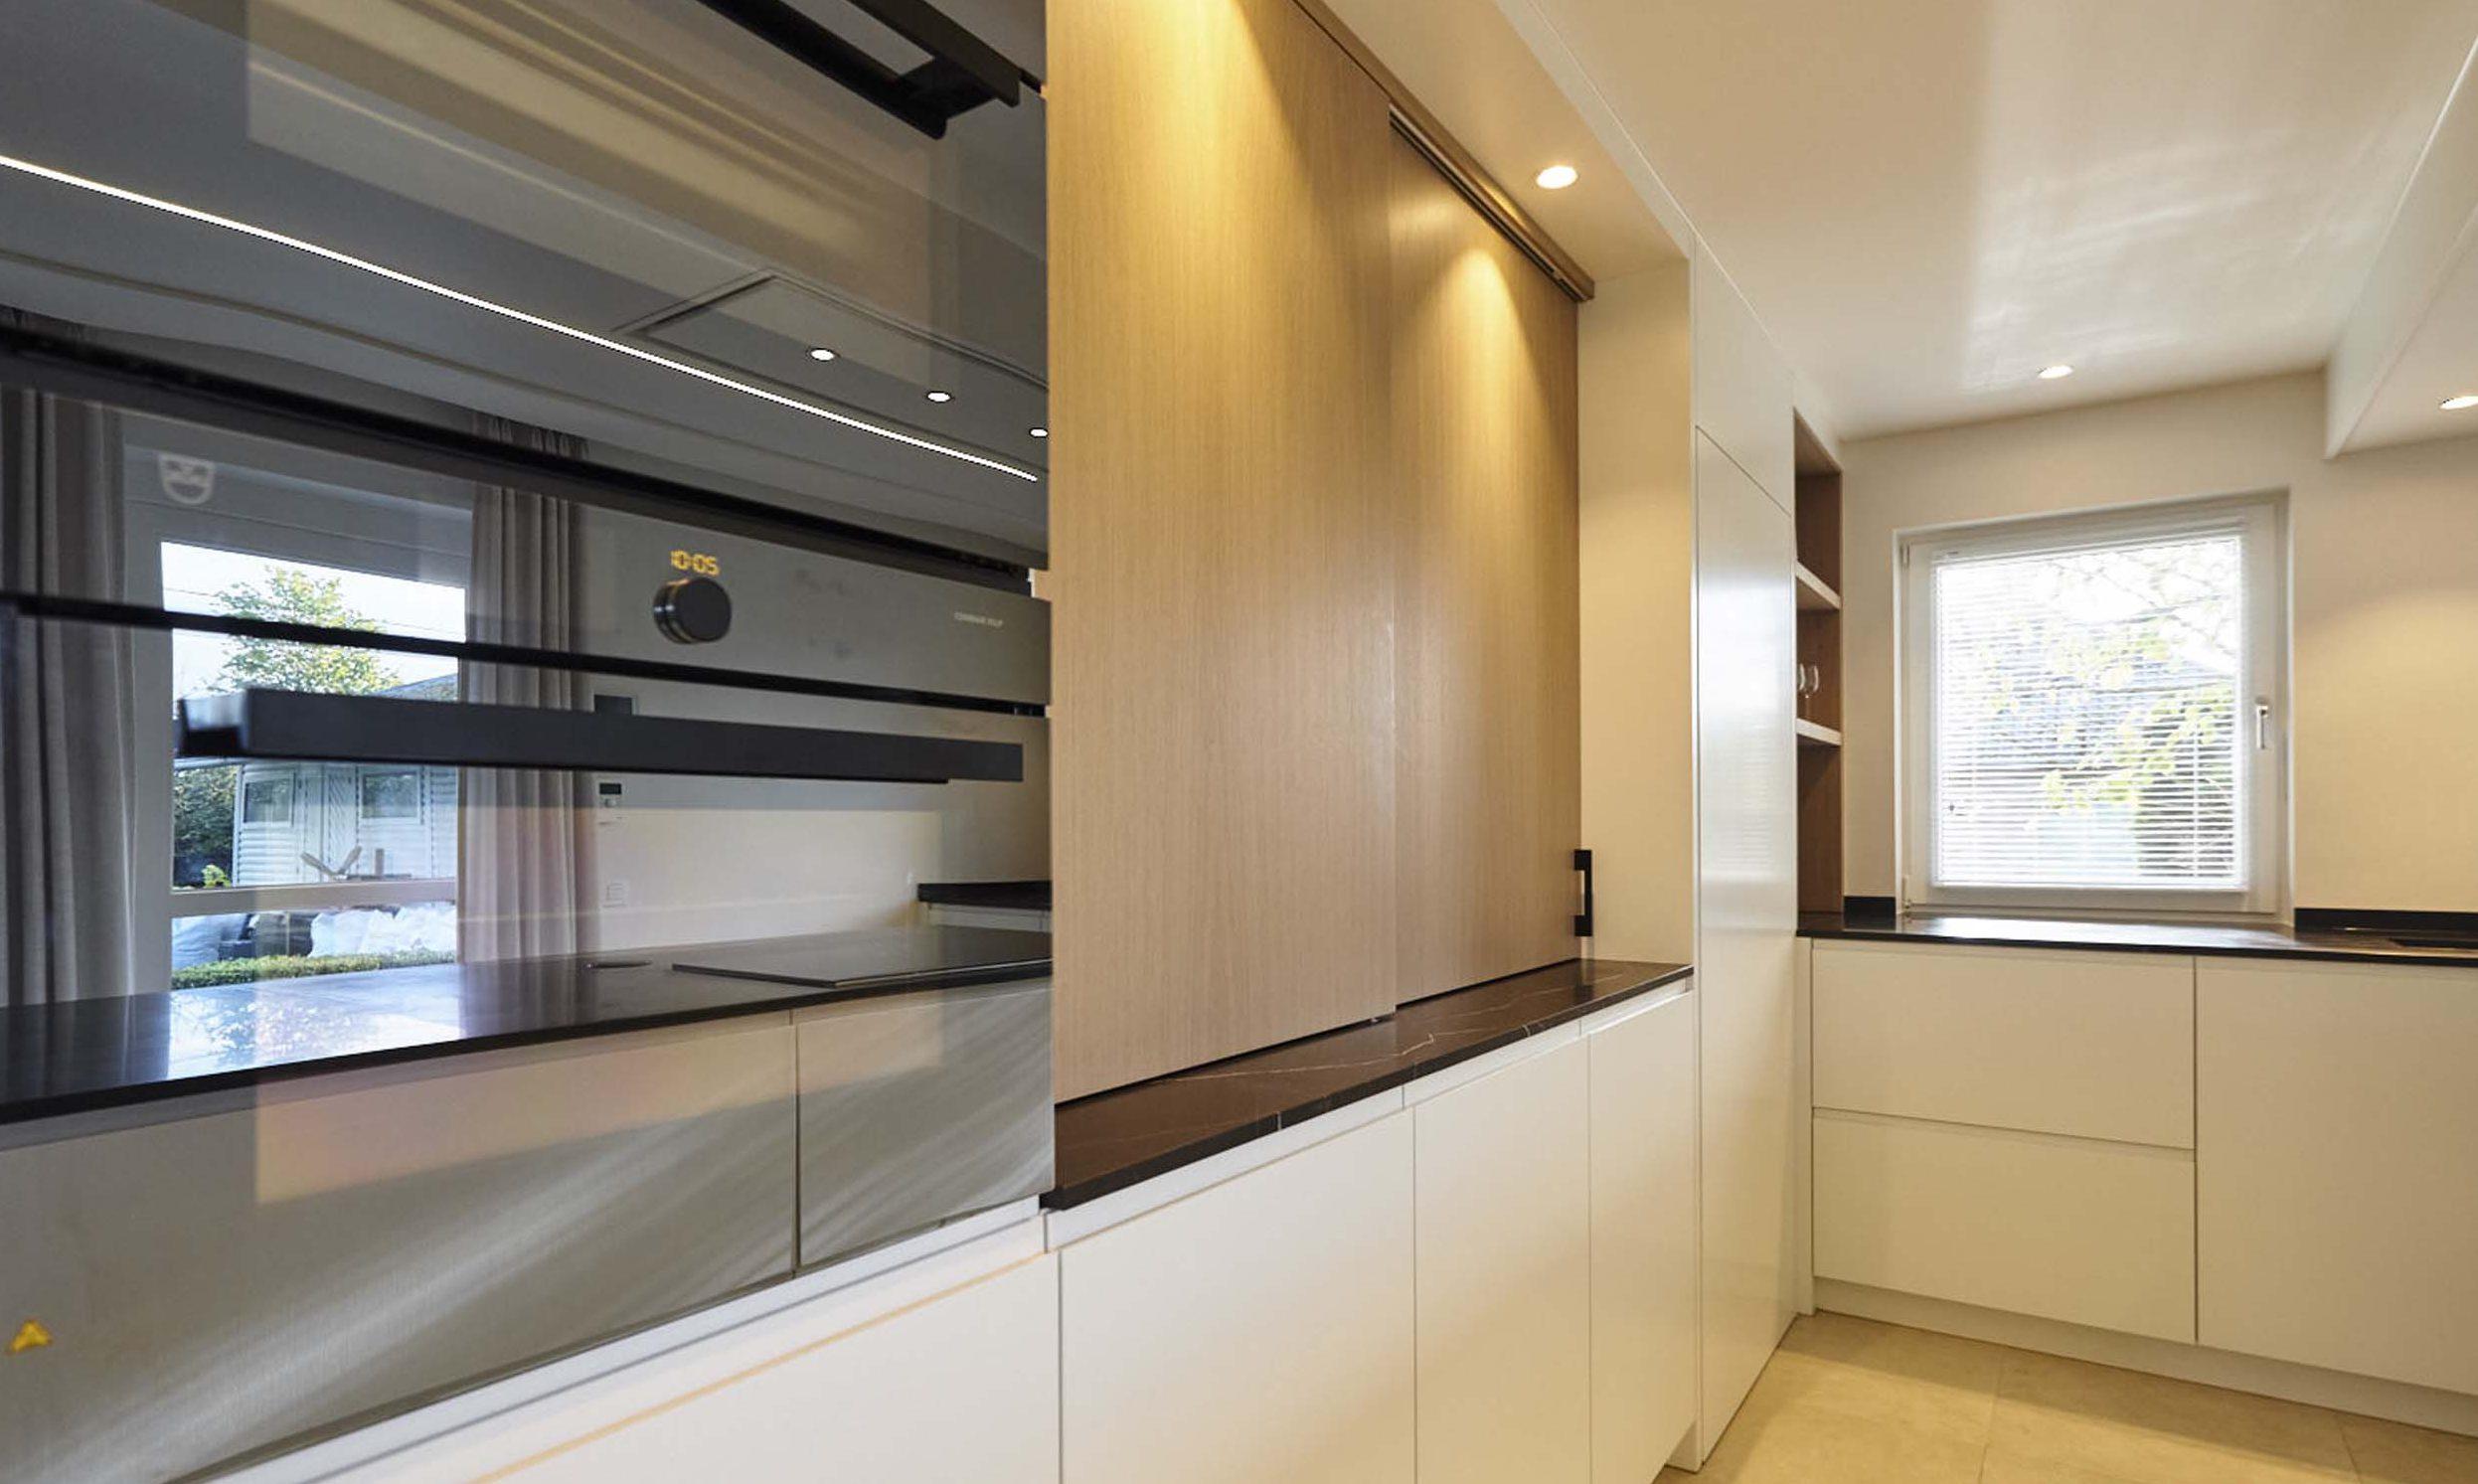 Vanda-projects-interieurinrichting-meubelmakerij-oost-vlaanderen-riem-ovens